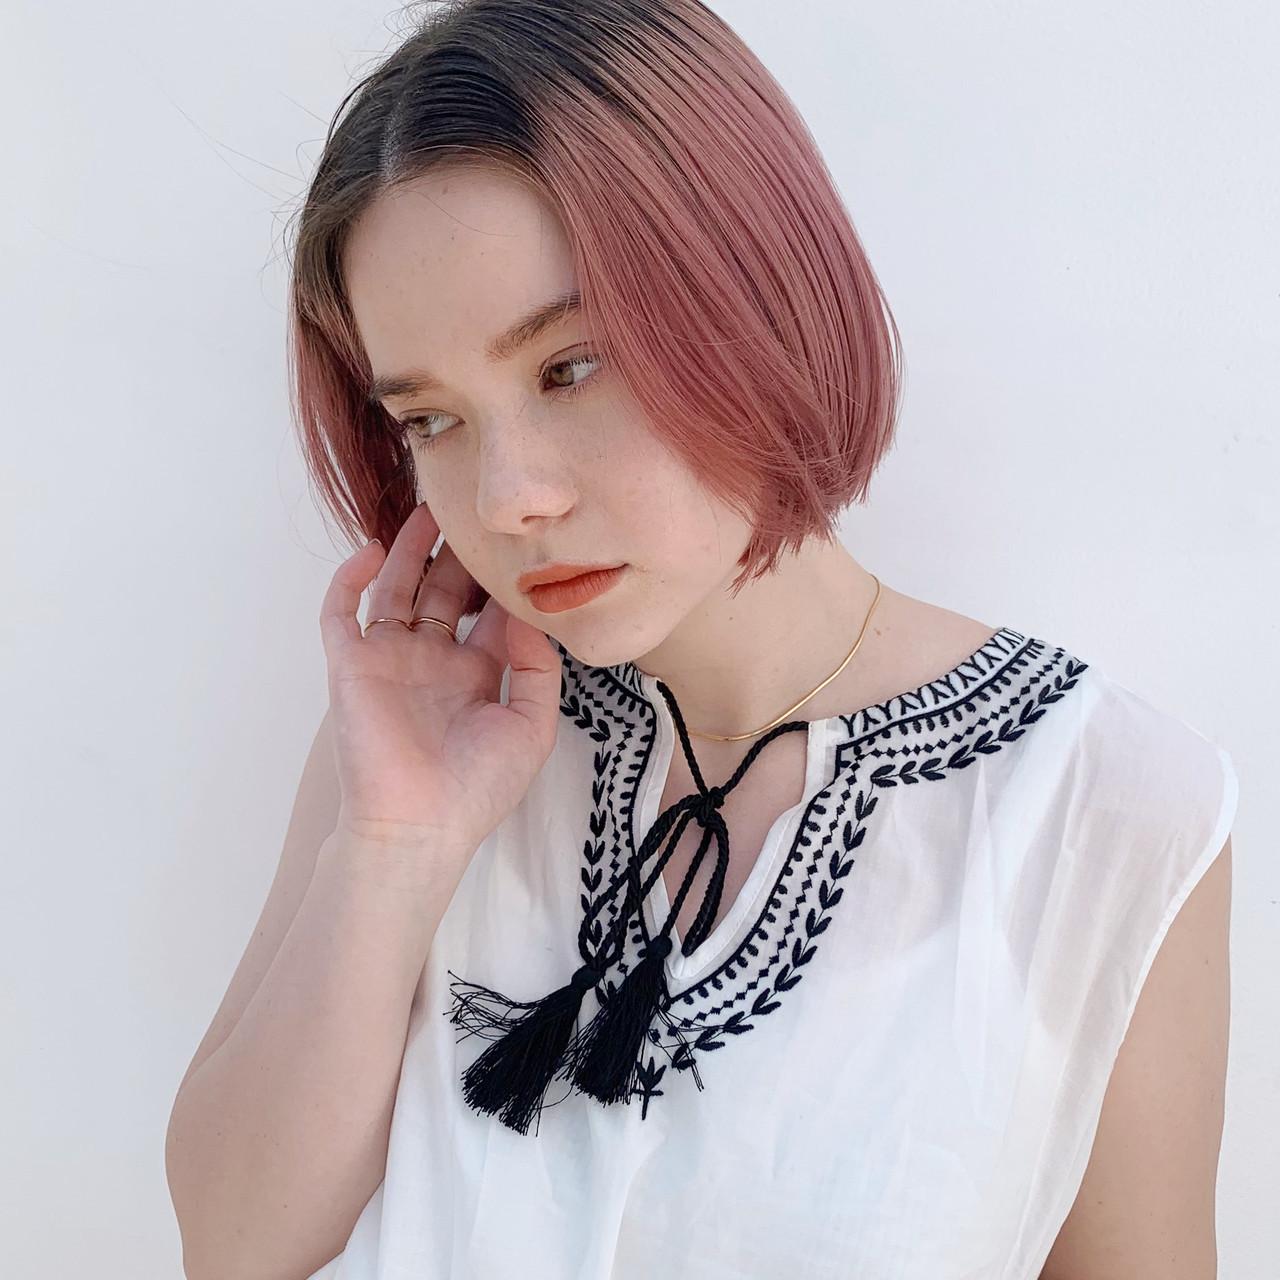 ハイトーンカラー ミニボブ ピンクベージュ ハイトーン ヘアスタイルや髪型の写真・画像